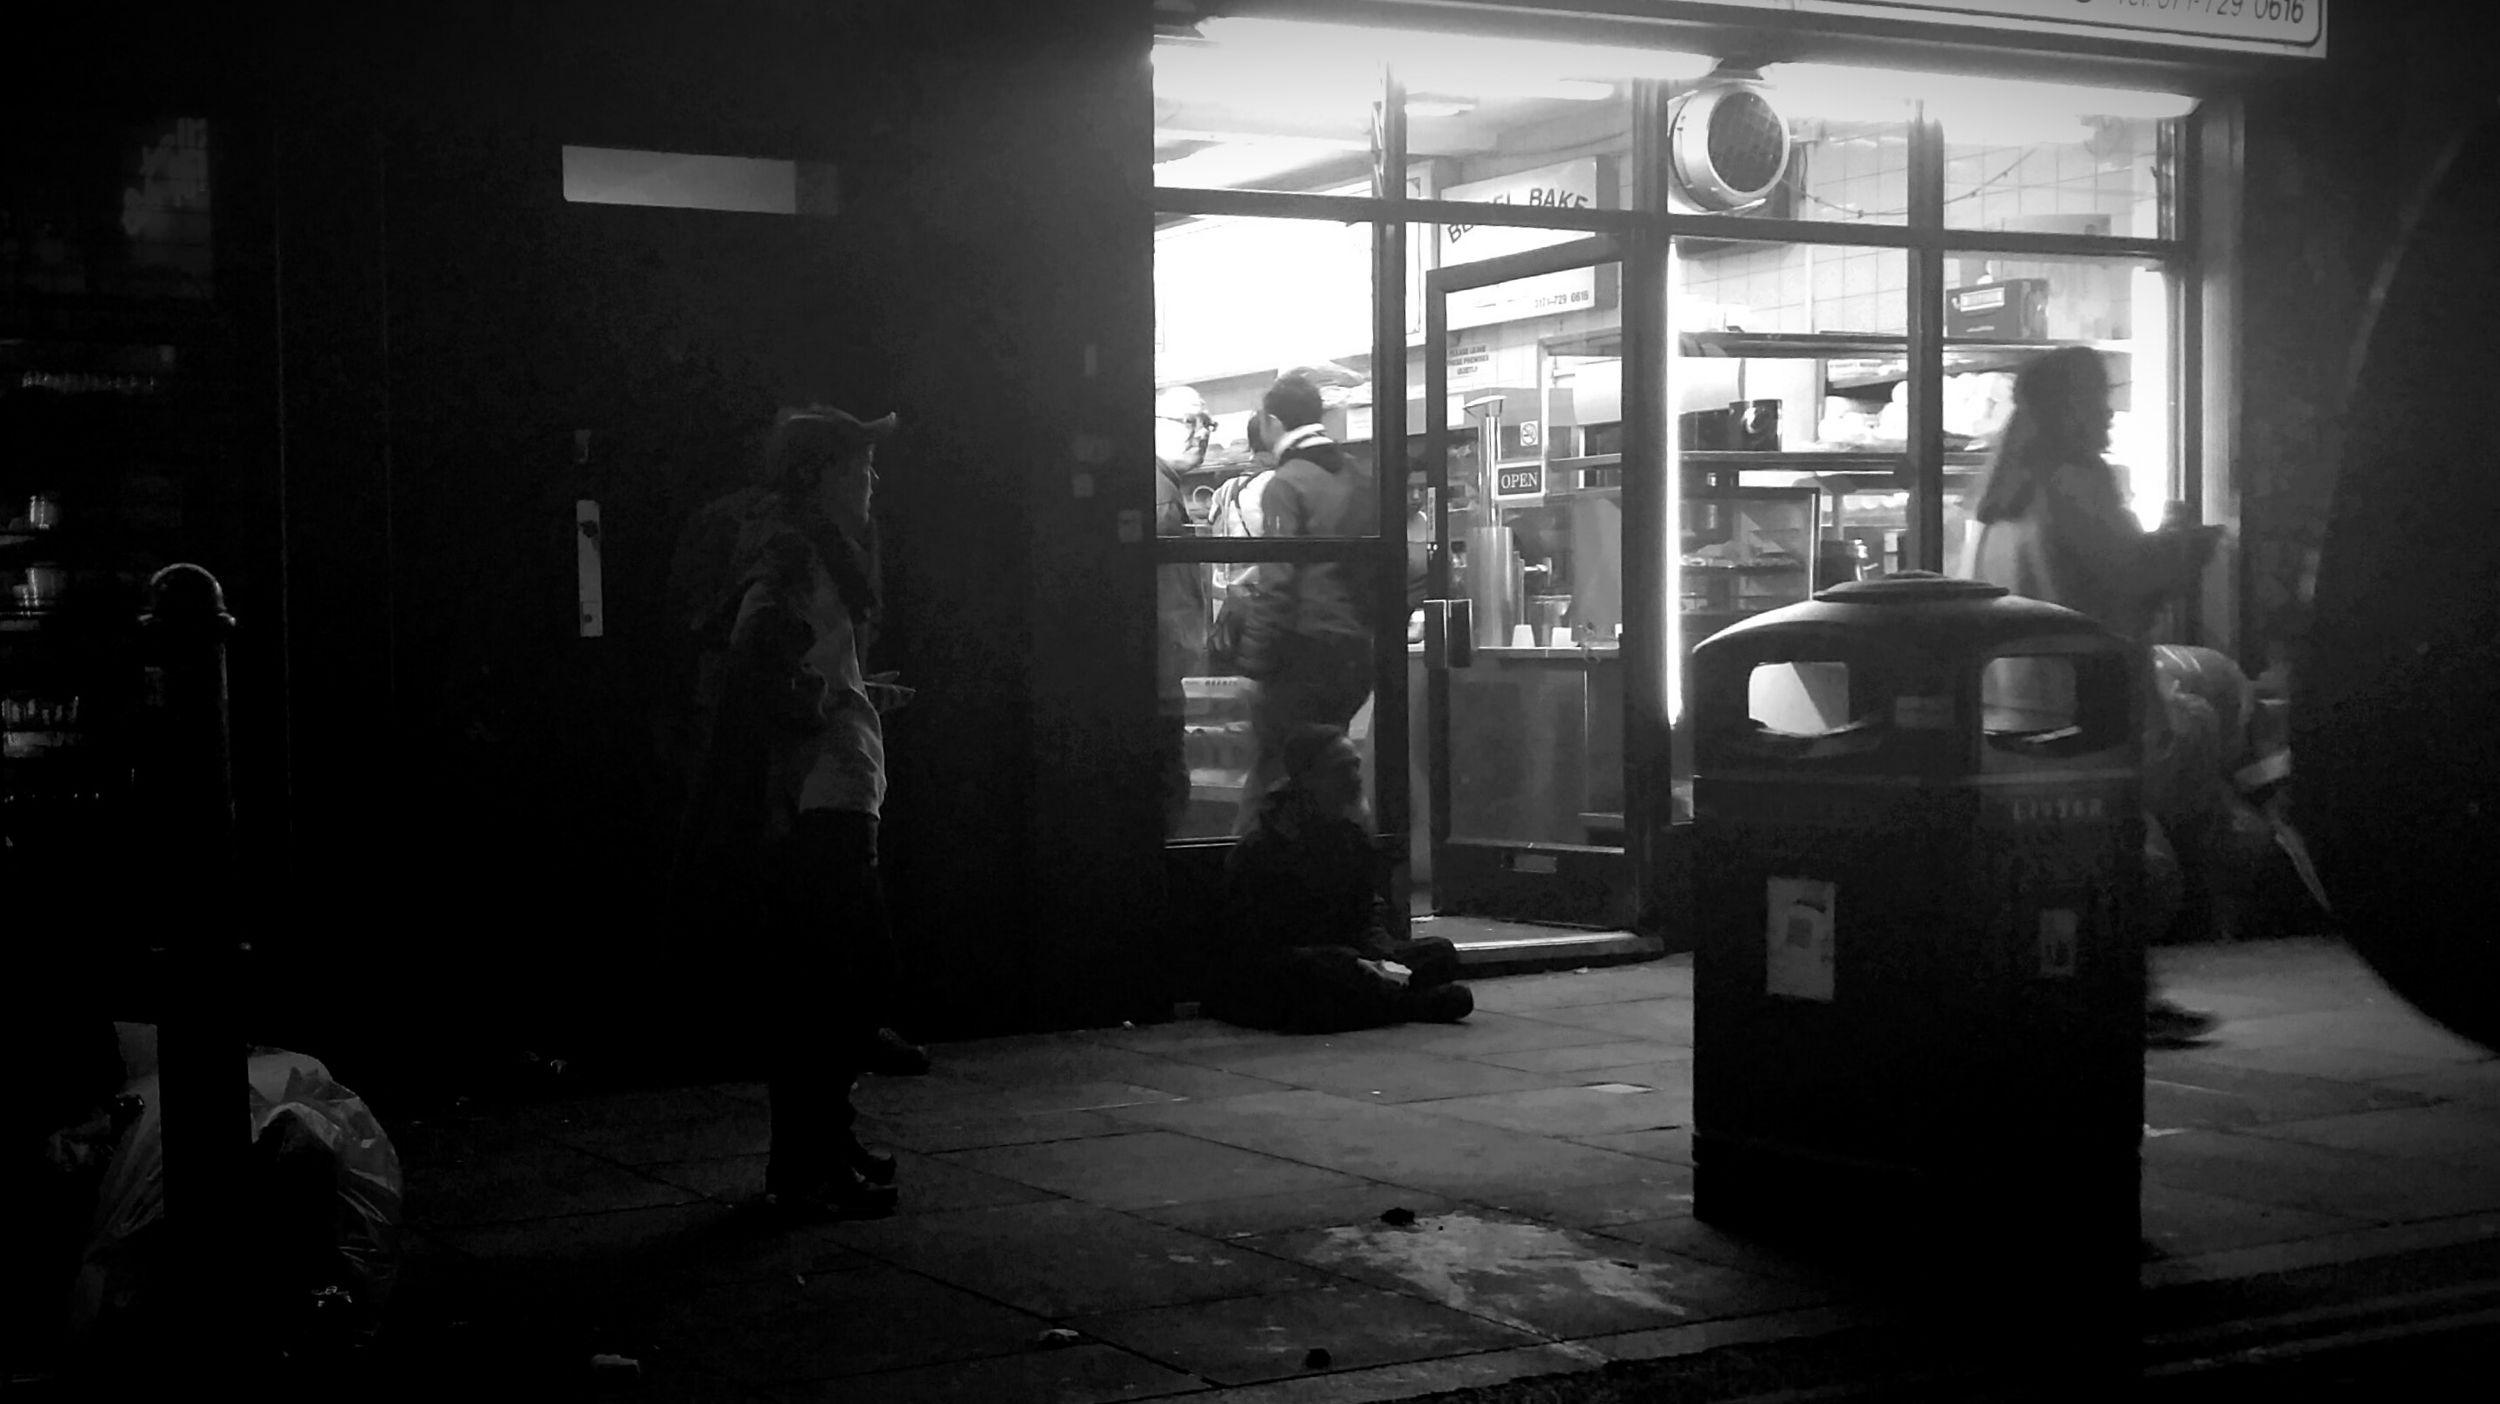 Bricklane LONDON❤ Londonlife Beigel Eastend Streetphotography People Homless